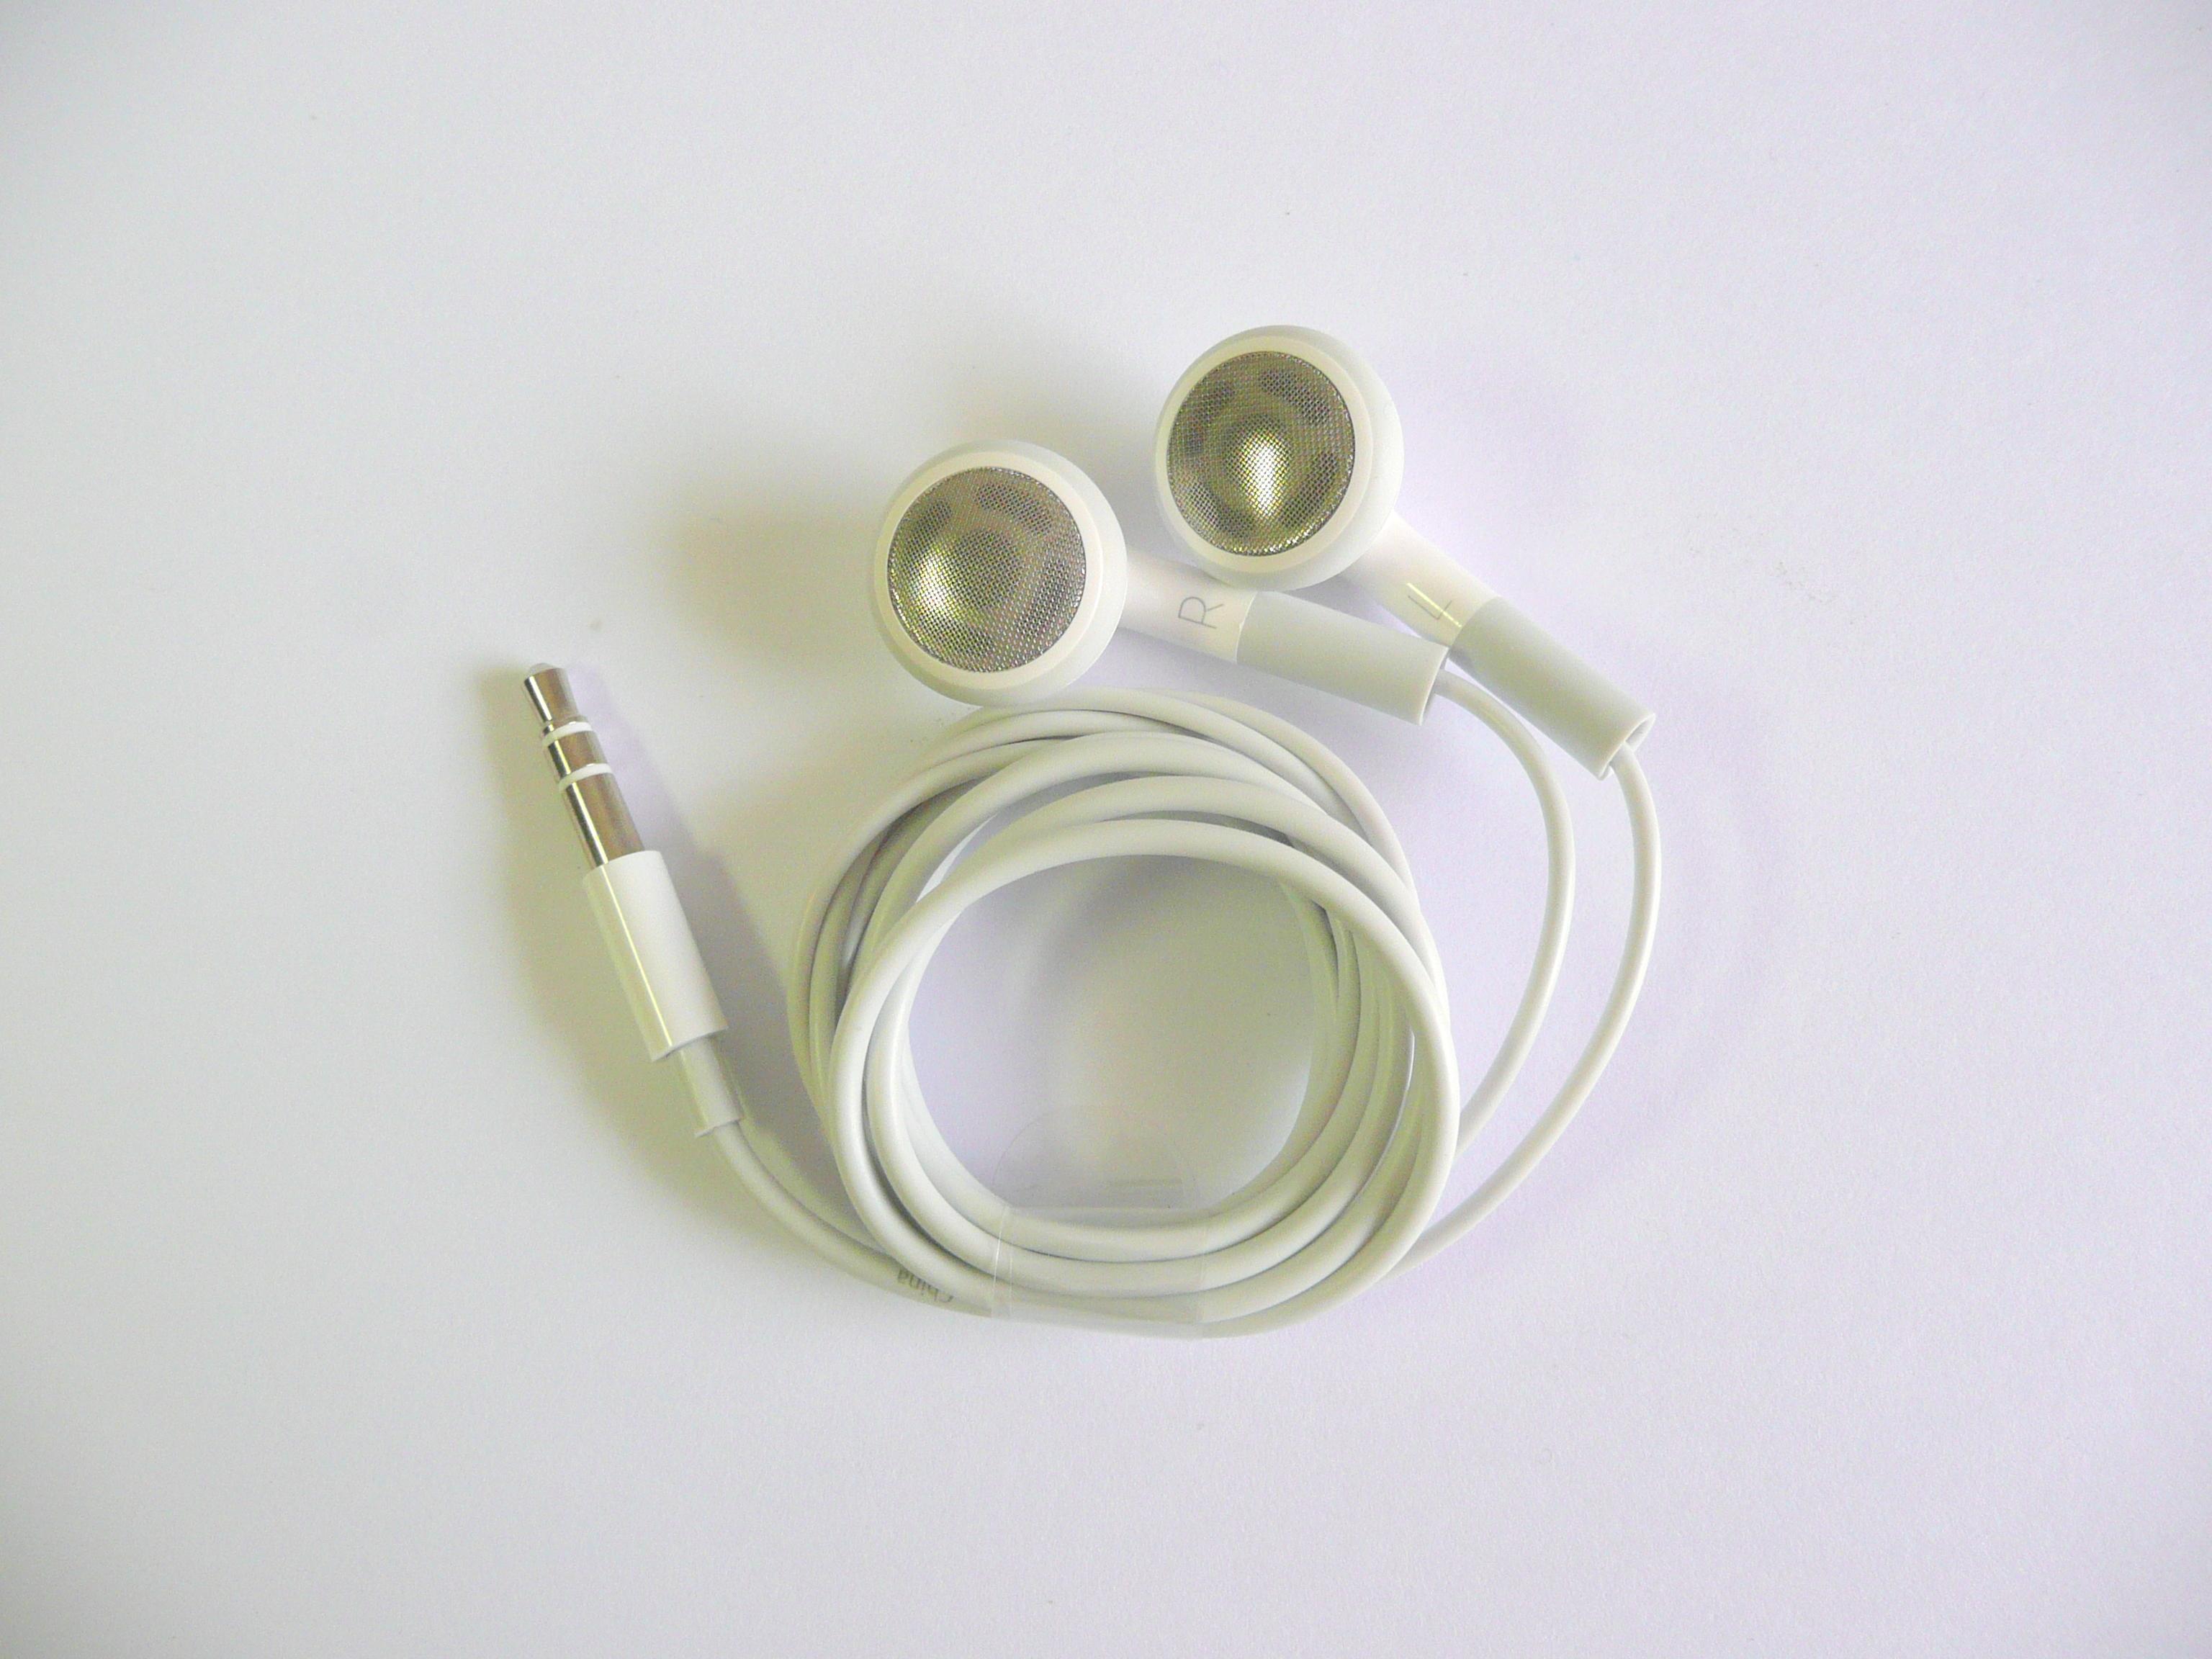 how to clean apple earphones